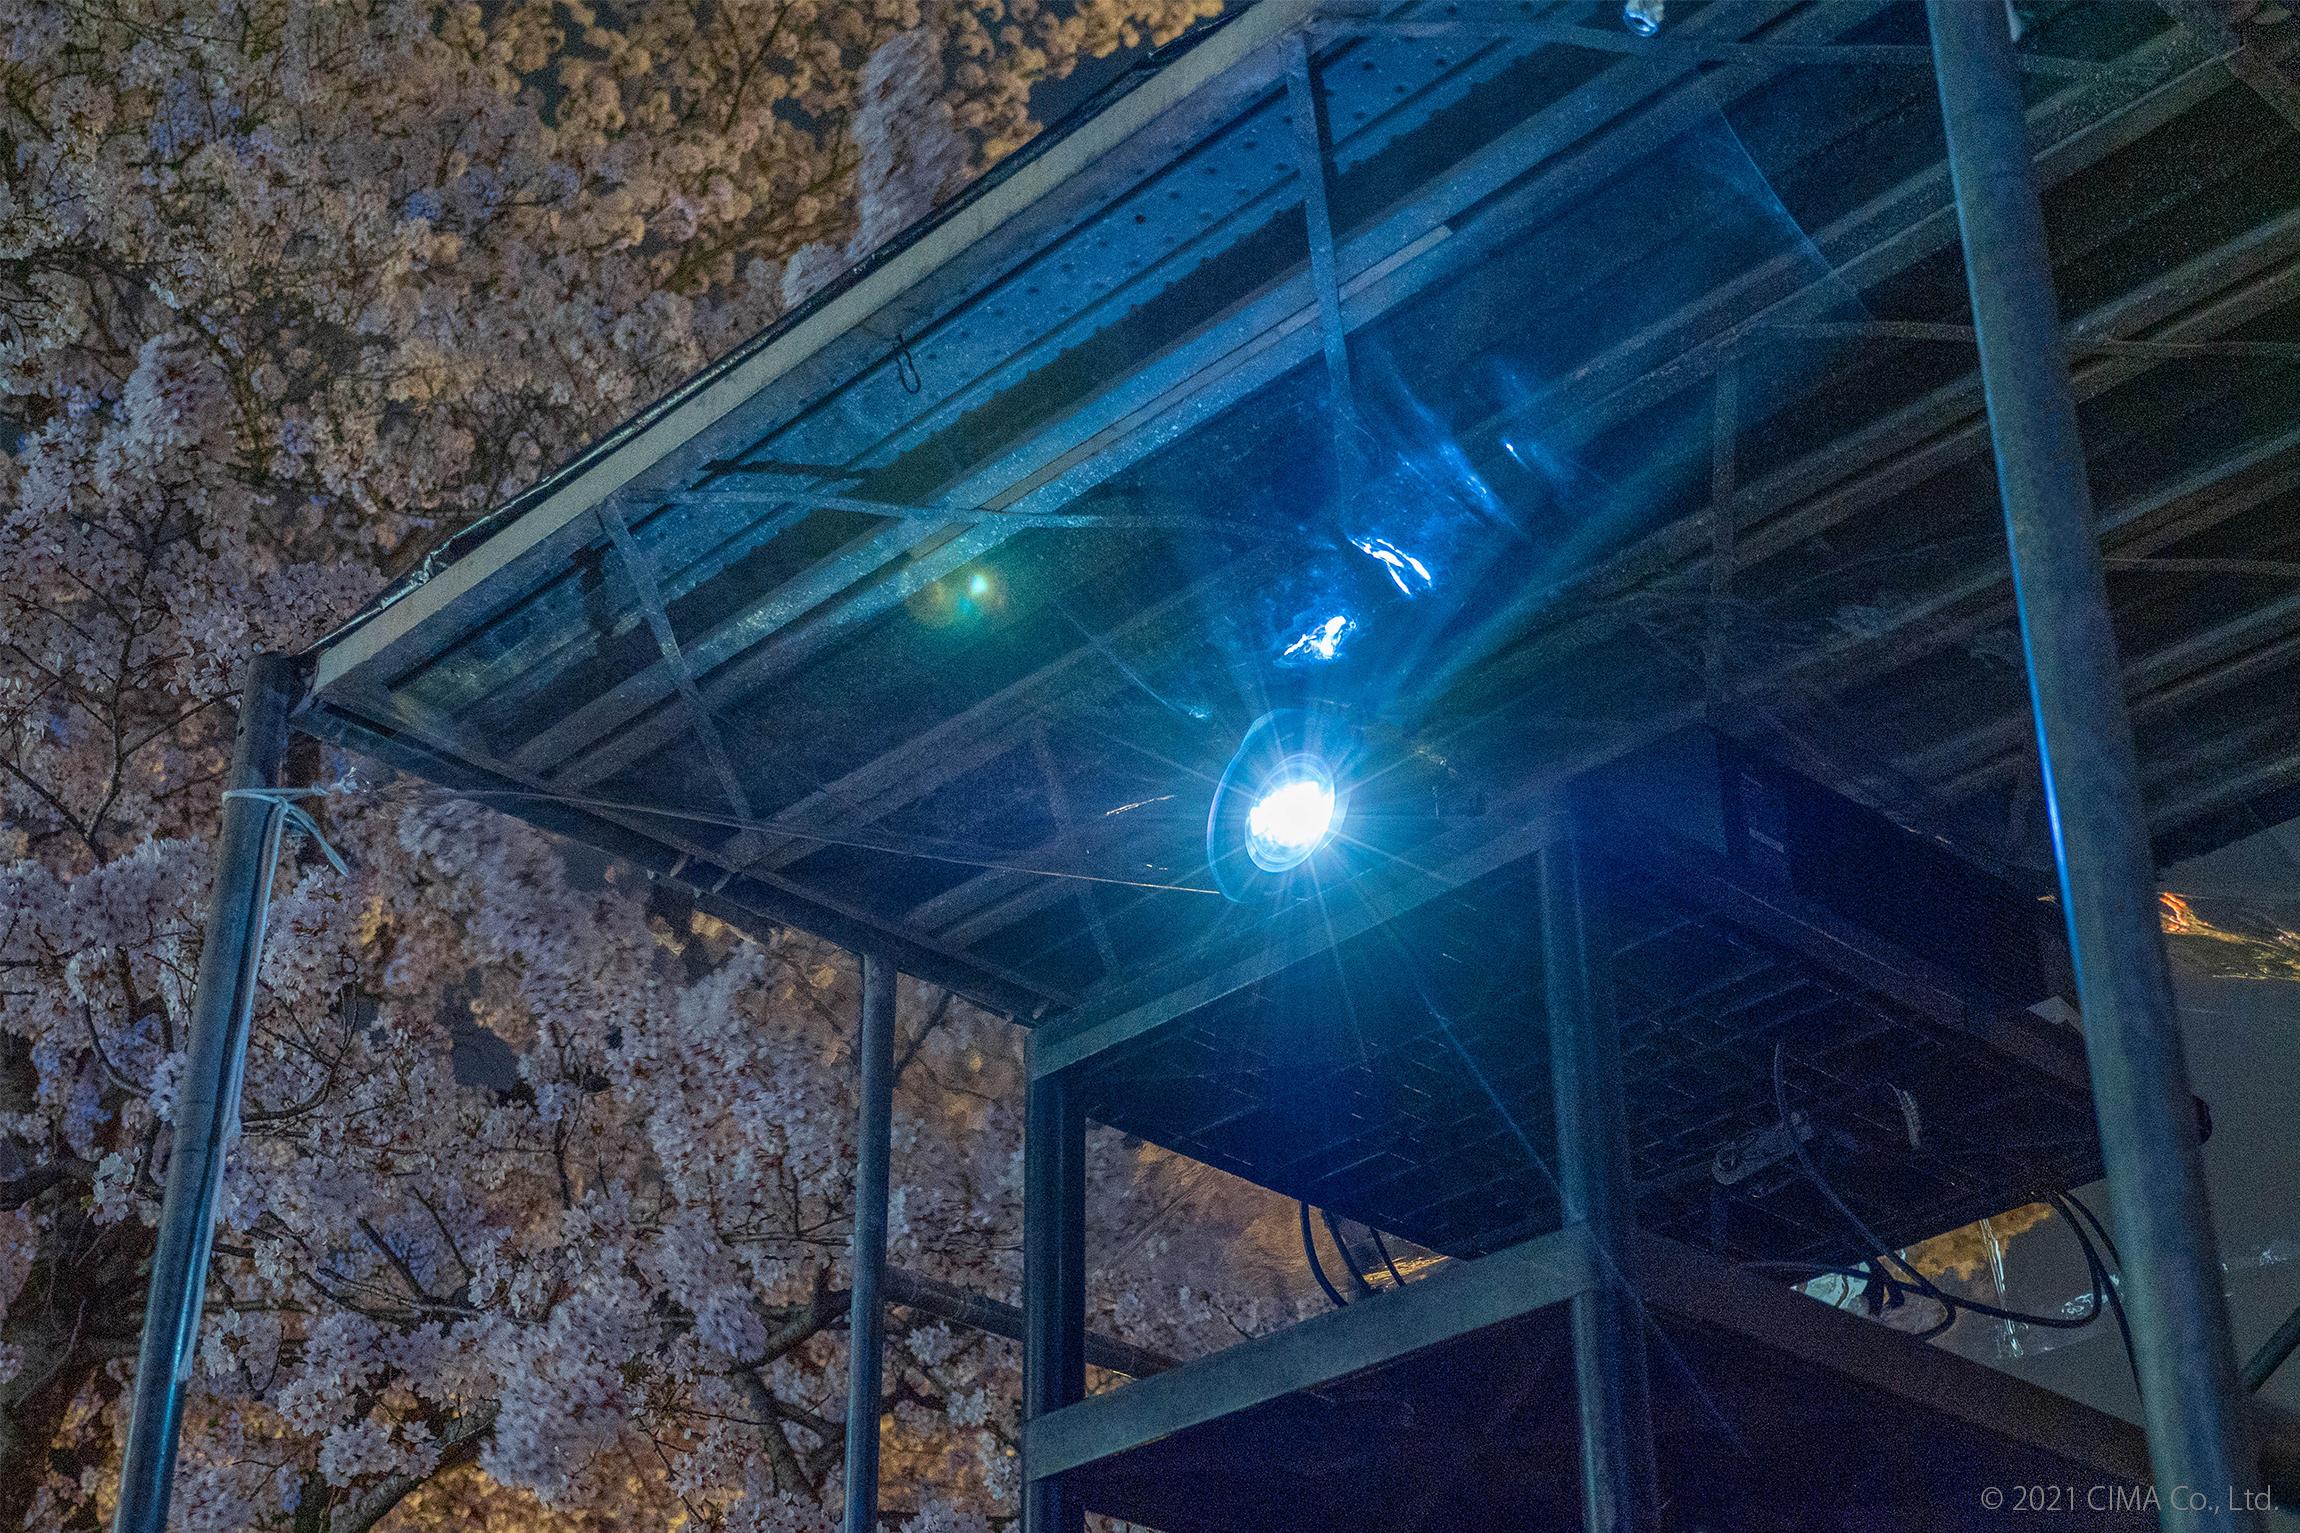 姫路城,レの渡櫓,PT-RZ970JLB,プロジェクションマッピング